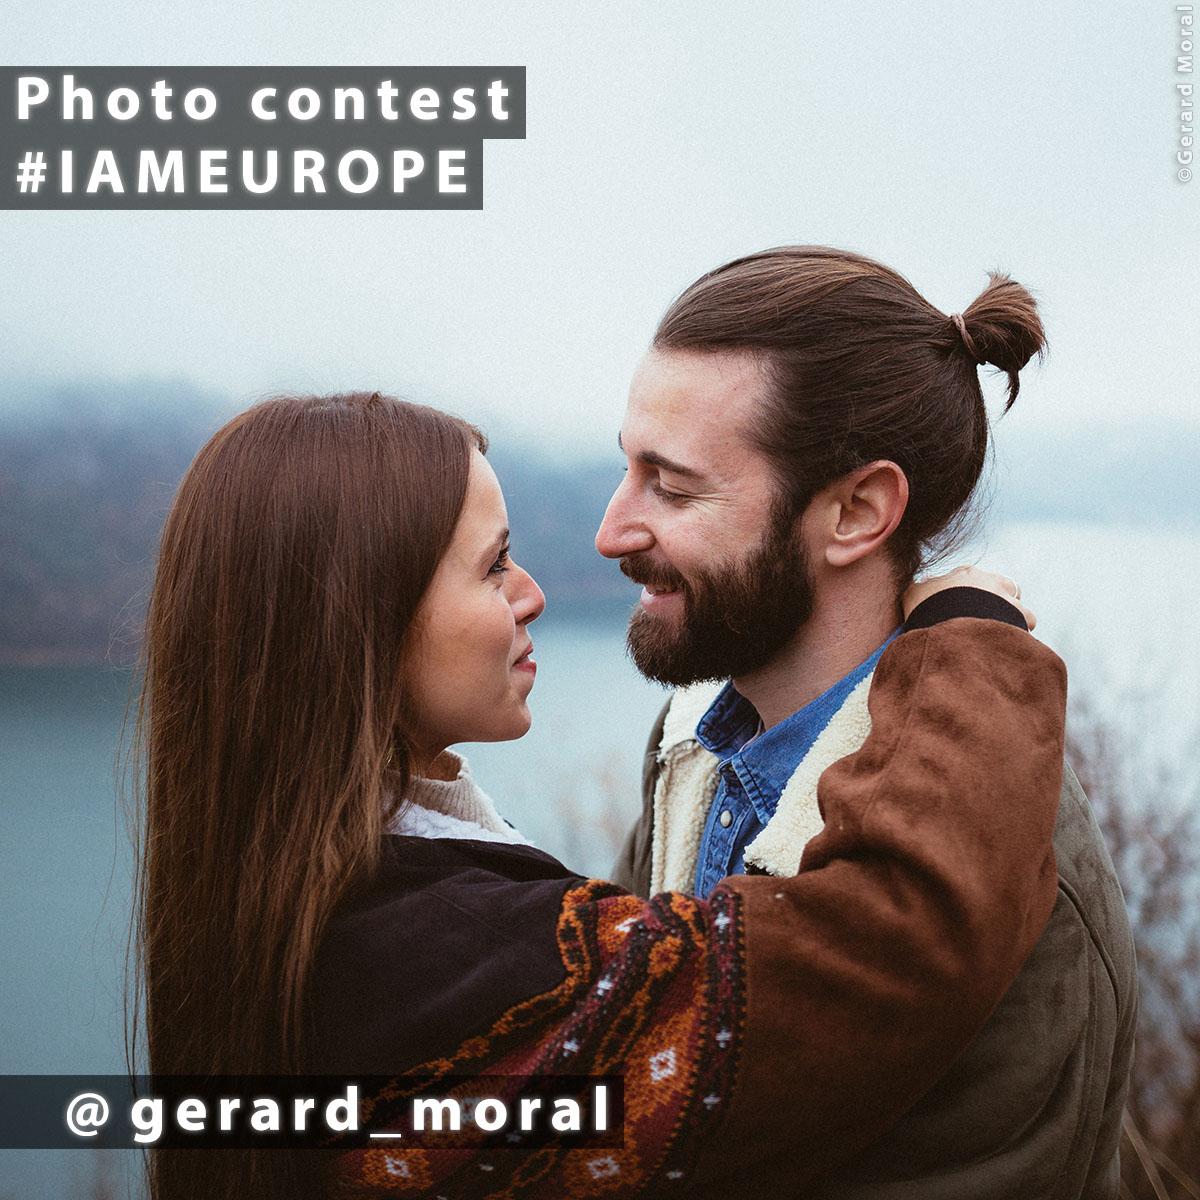 I am Europe: partecipa al concorso fotografico su